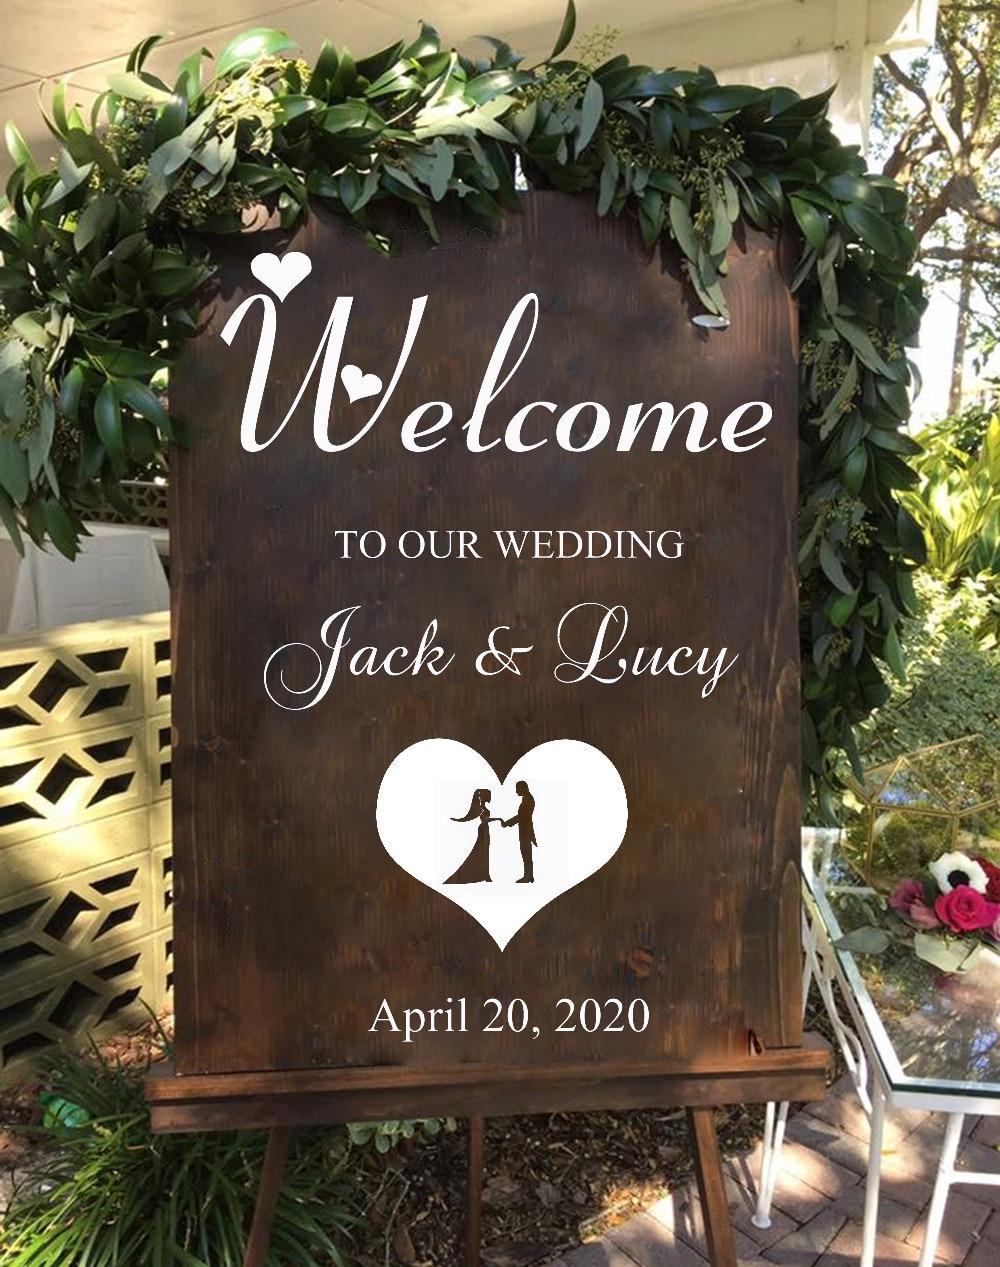 Decoración de boda bienvenida pared calcomanía DIY boda pegatina señal novia y novio nombres boda fecha personalizado vinilo calcomanías H6